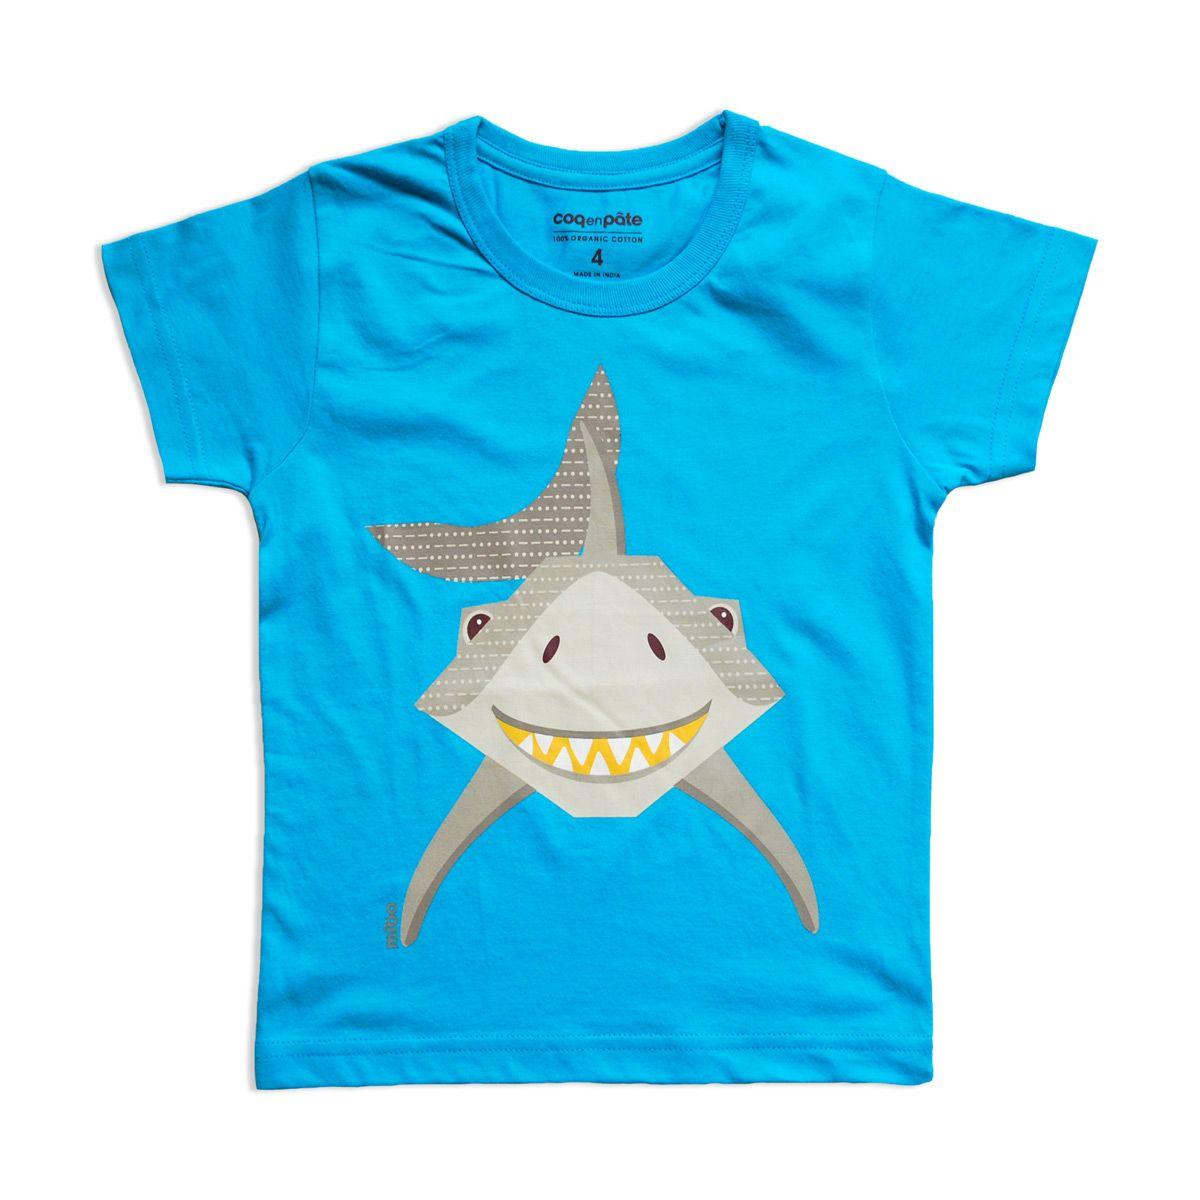 390494f9994 Παιδική Μπλούζα Shark | Παιδικά ρούχα / Kids clothes | Pinterest